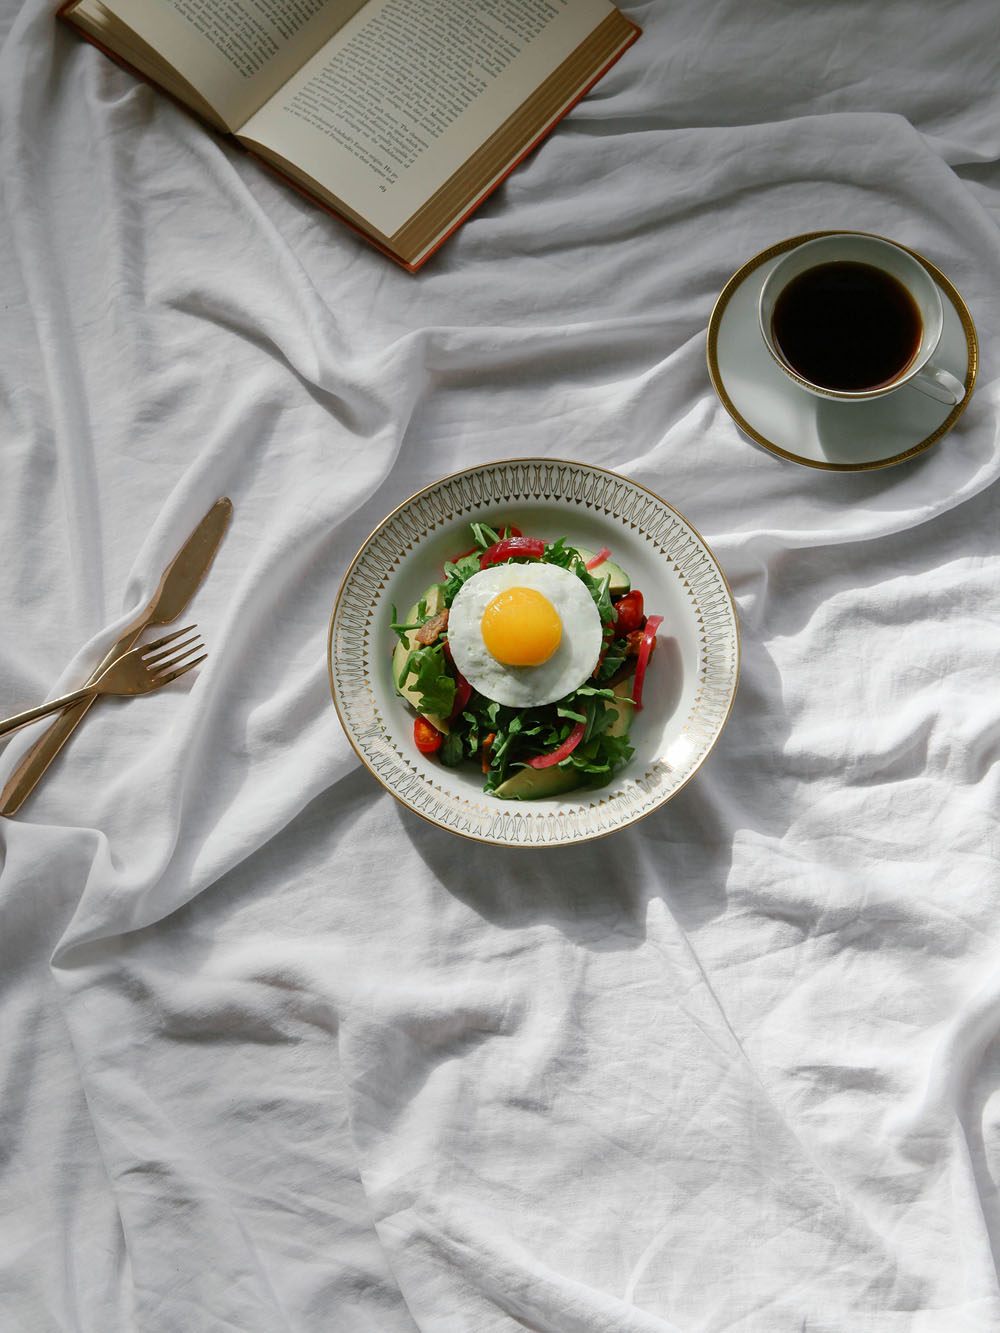 breakfast in bed | jessie webster